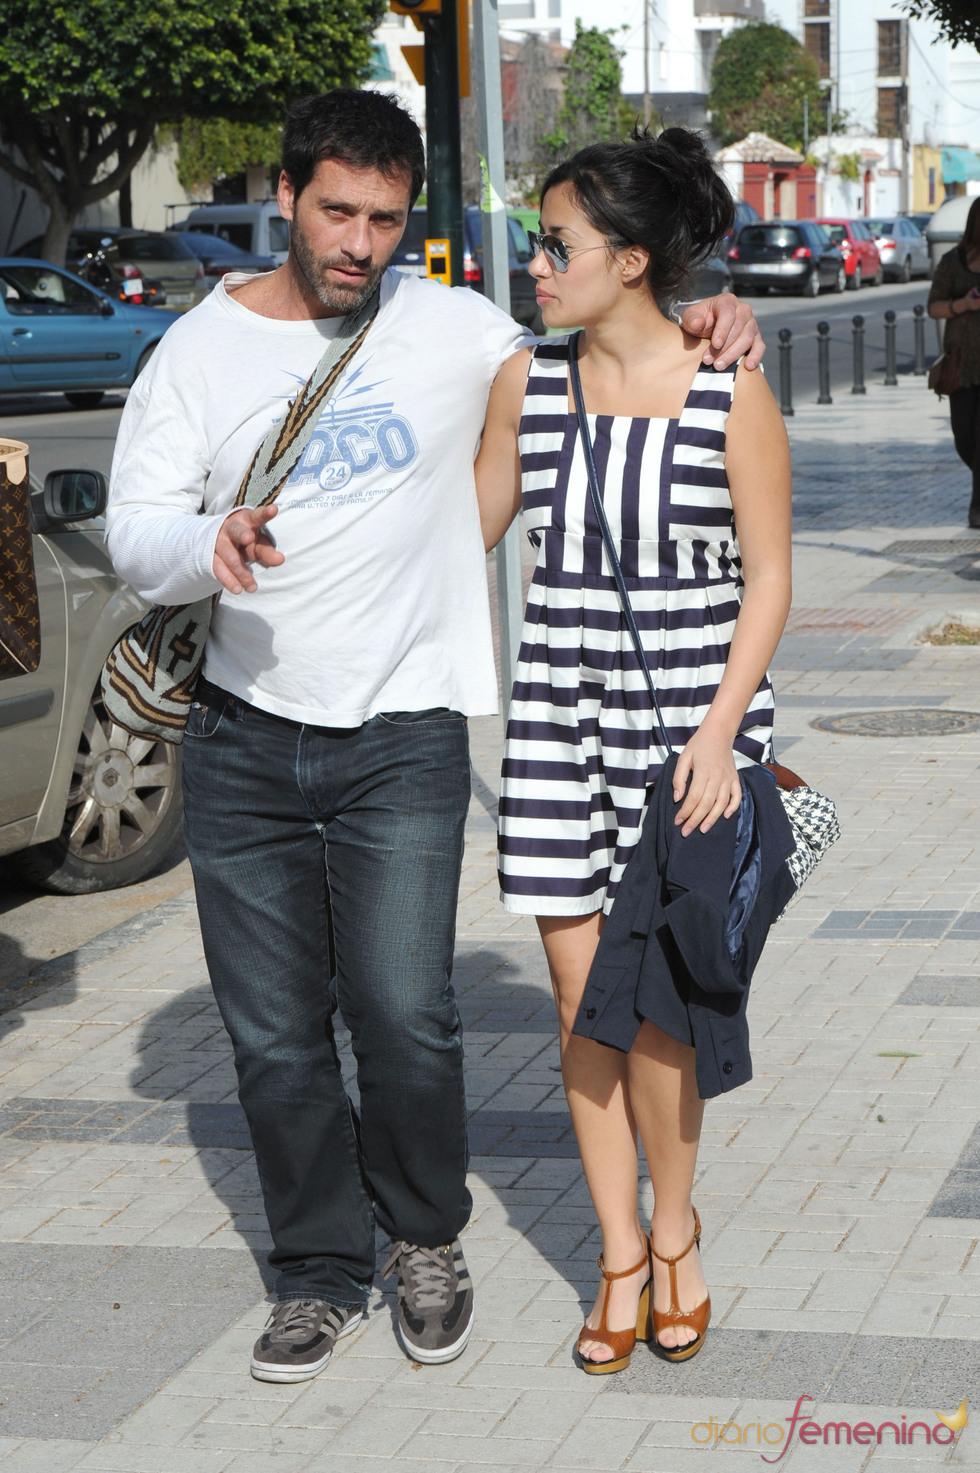 Juan Pablo Shuk y Giselle Calderón pasean juntos por las calles de Málaga